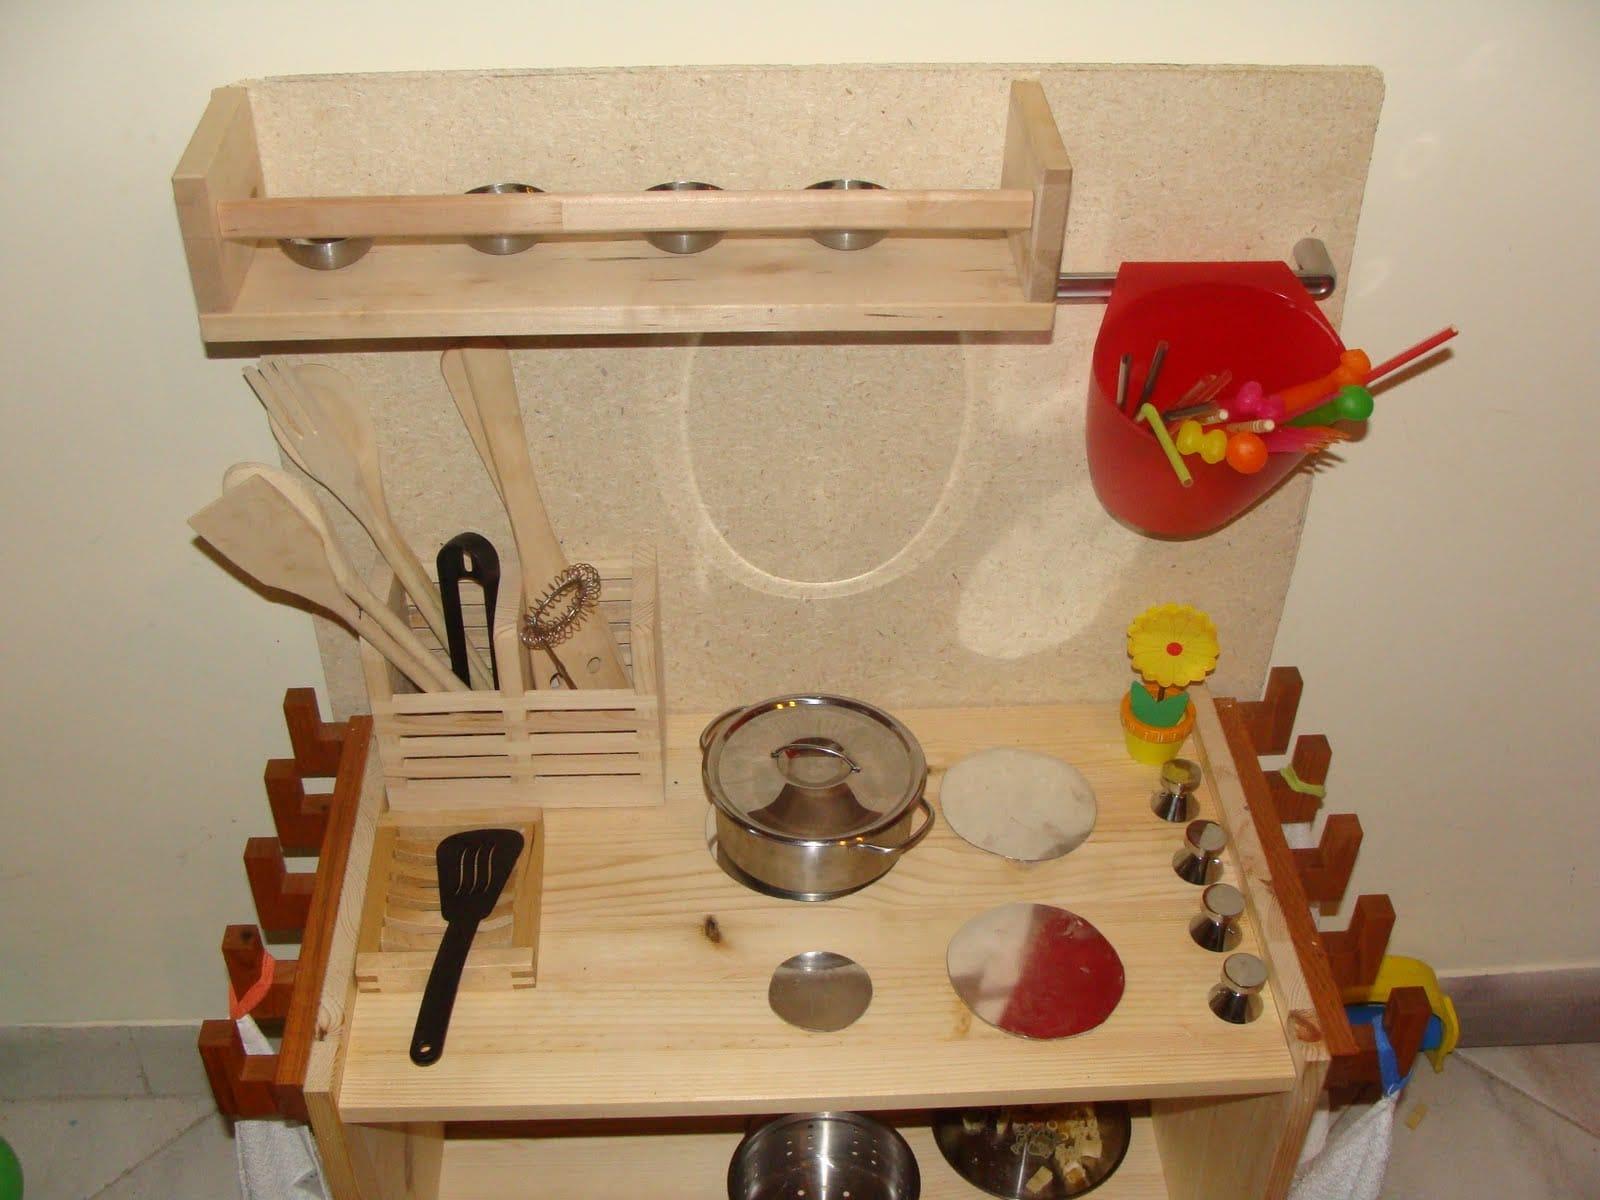 Come costruire una cucina in legno per bambini low cost non sprecare - Cucina legno bambini usata ...